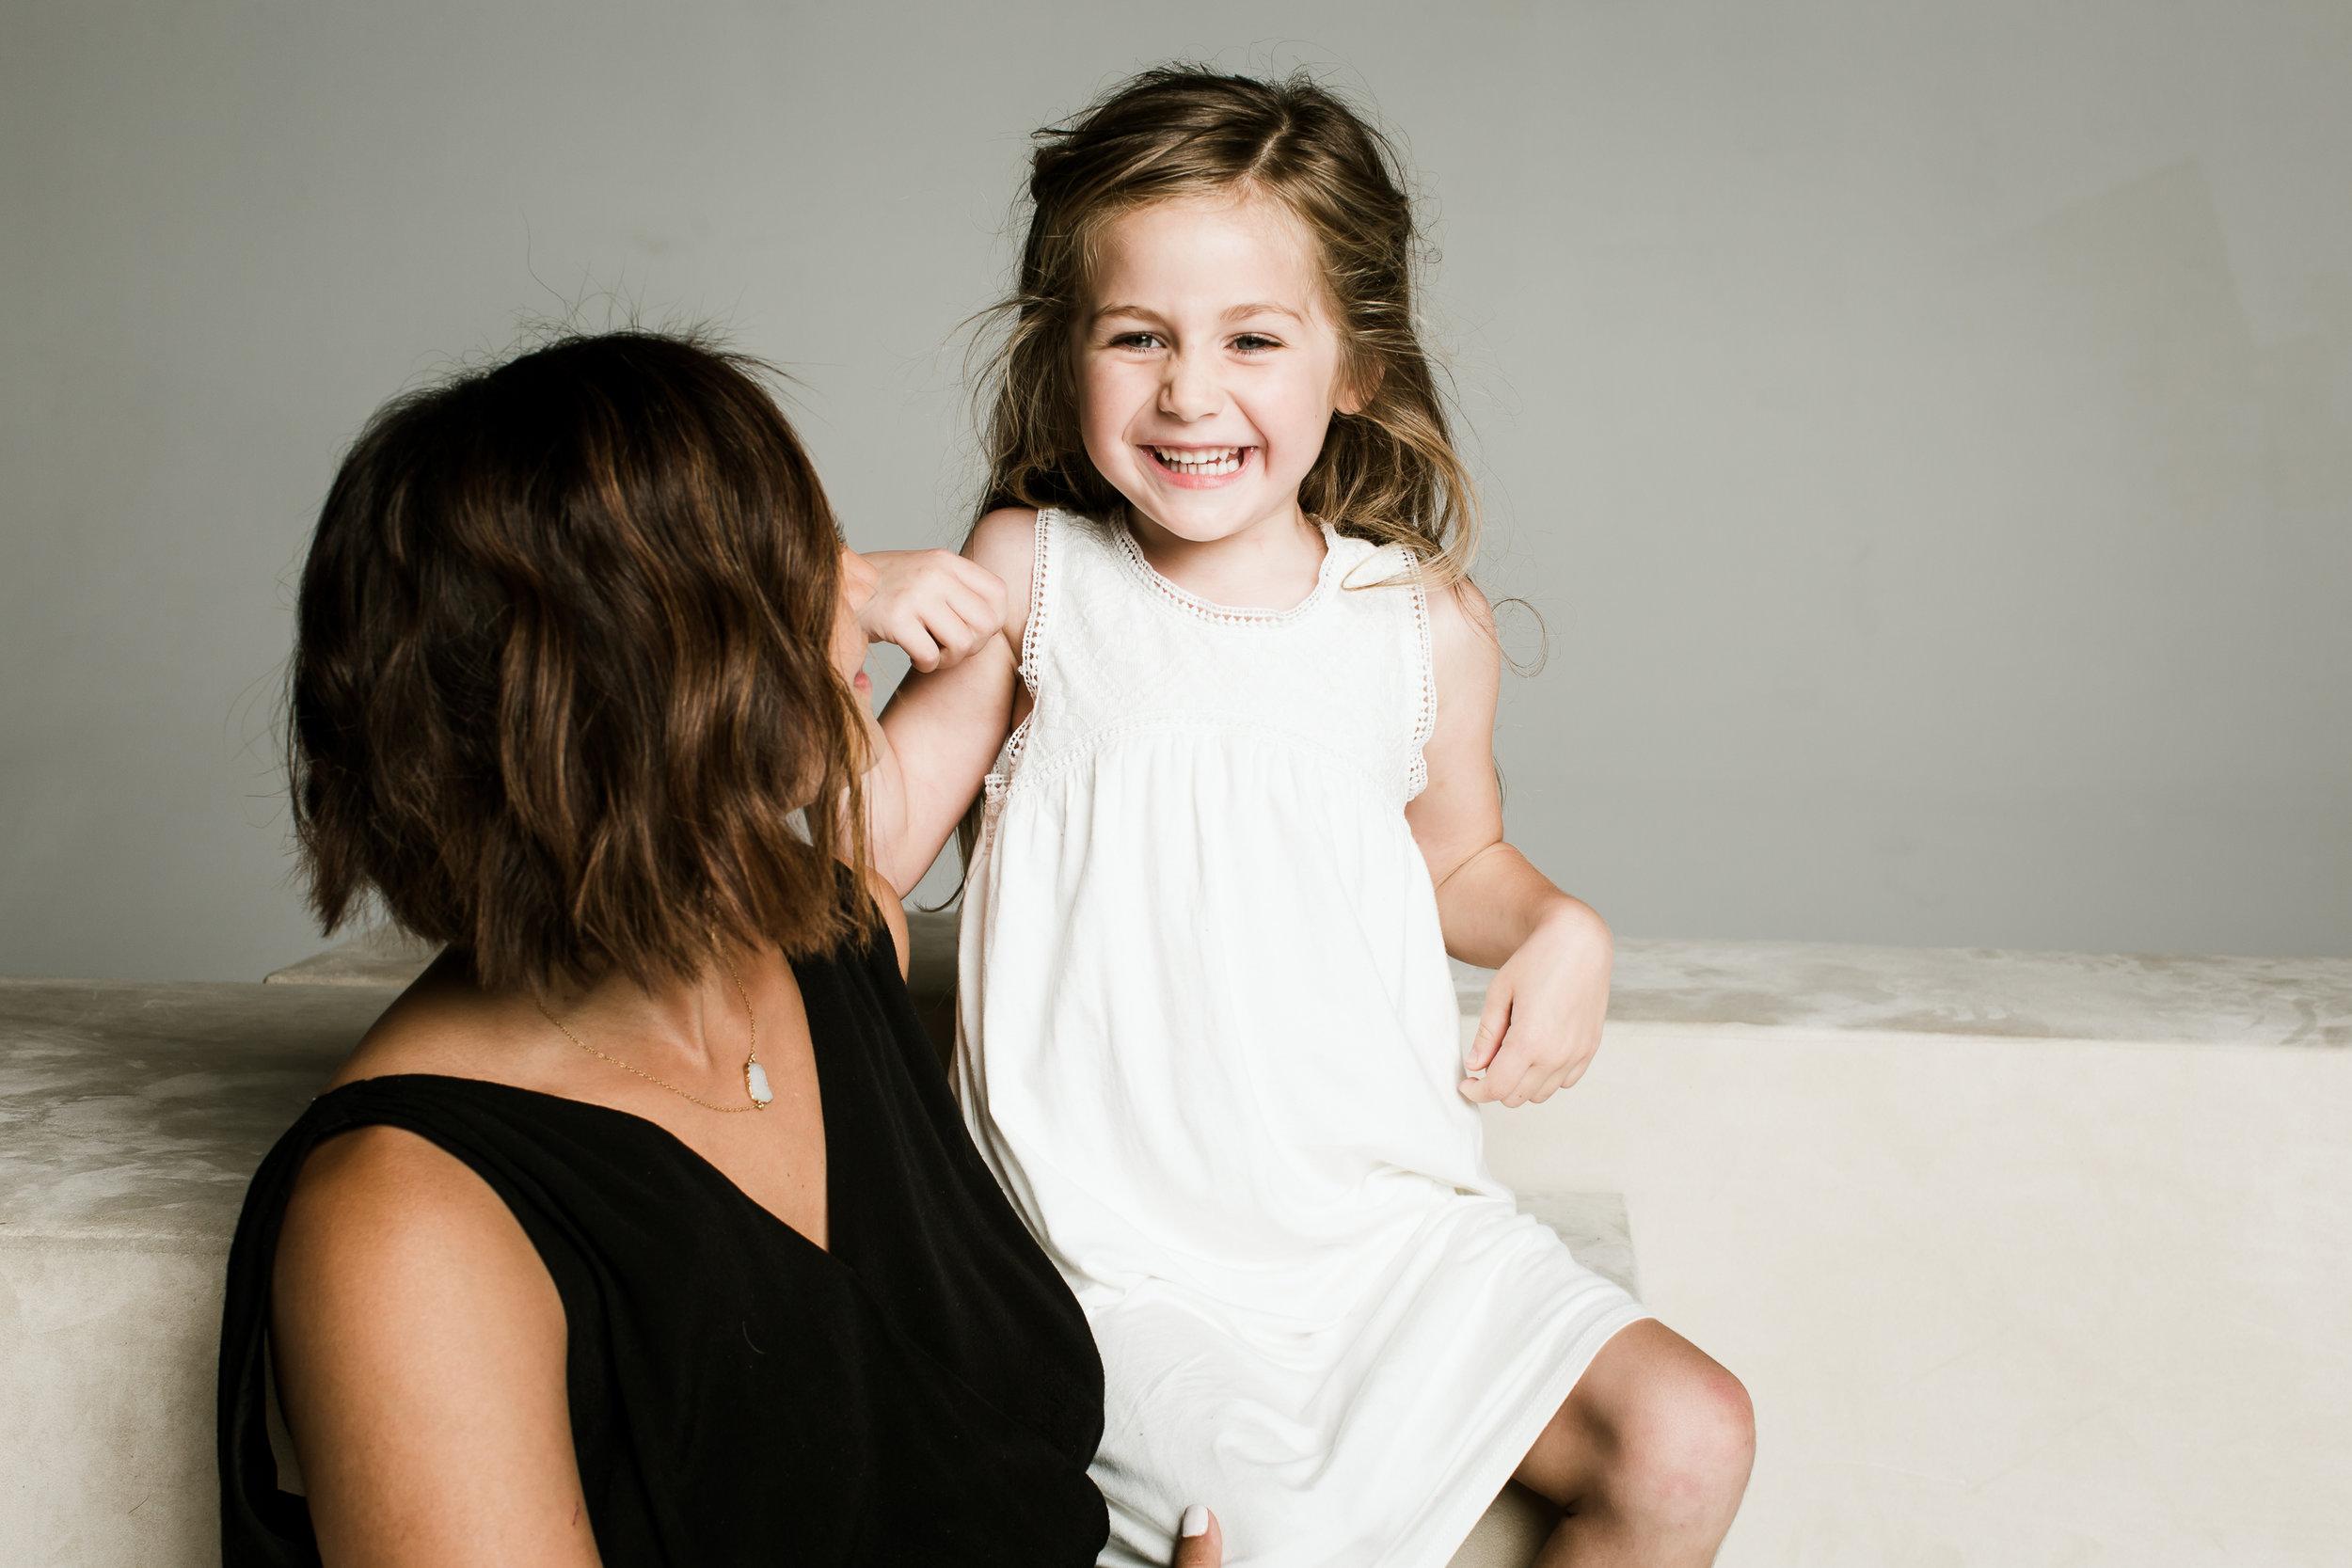 Gianna Keiko Atlanta Family Studio Portrait Photographer-12.jpg